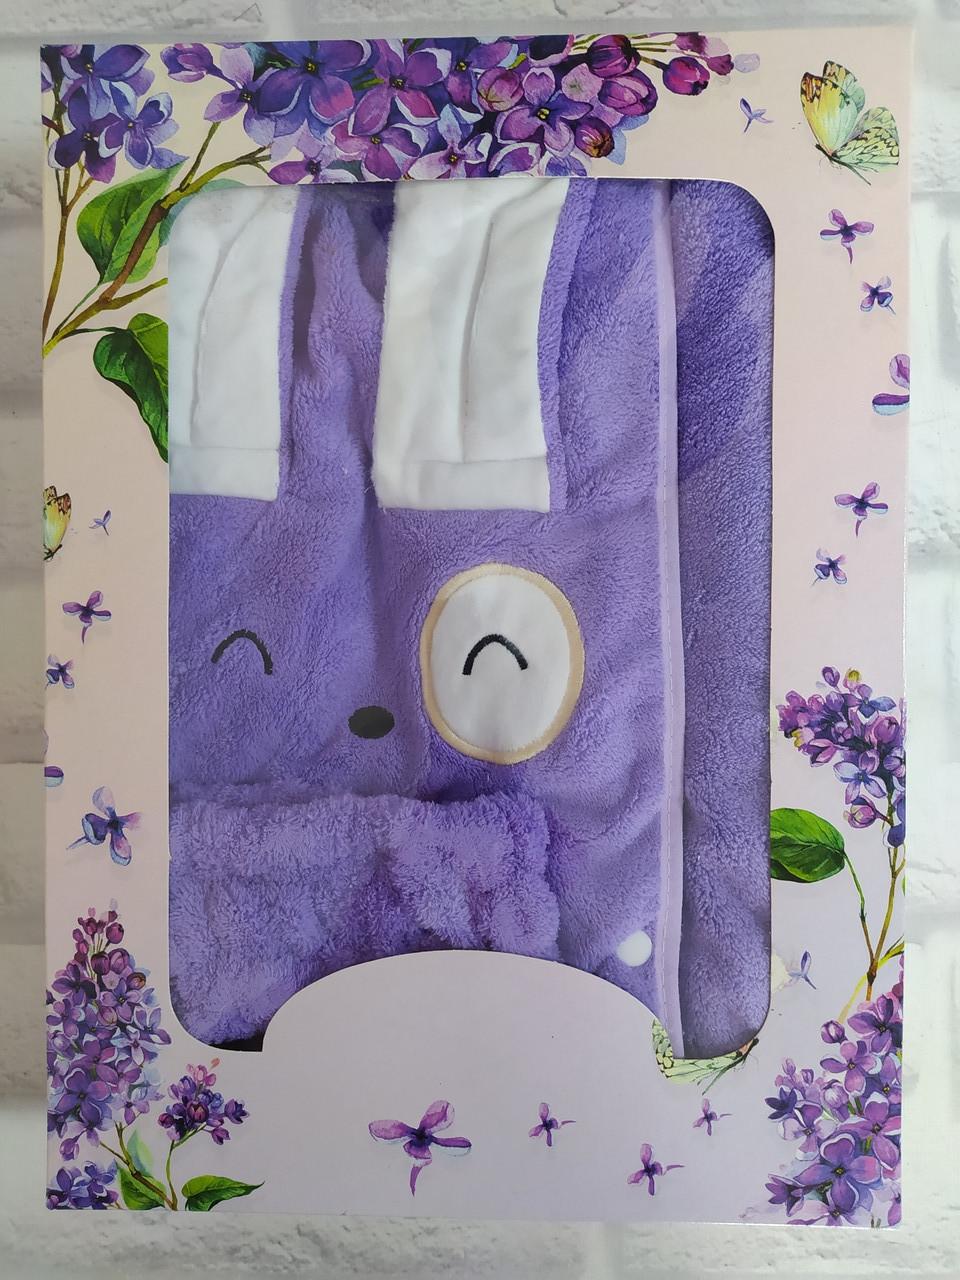 Набор для сауны бани подарочный 3в1 полотенце р. 80х135 см микрофибра плюш с челмой и повязка для волос